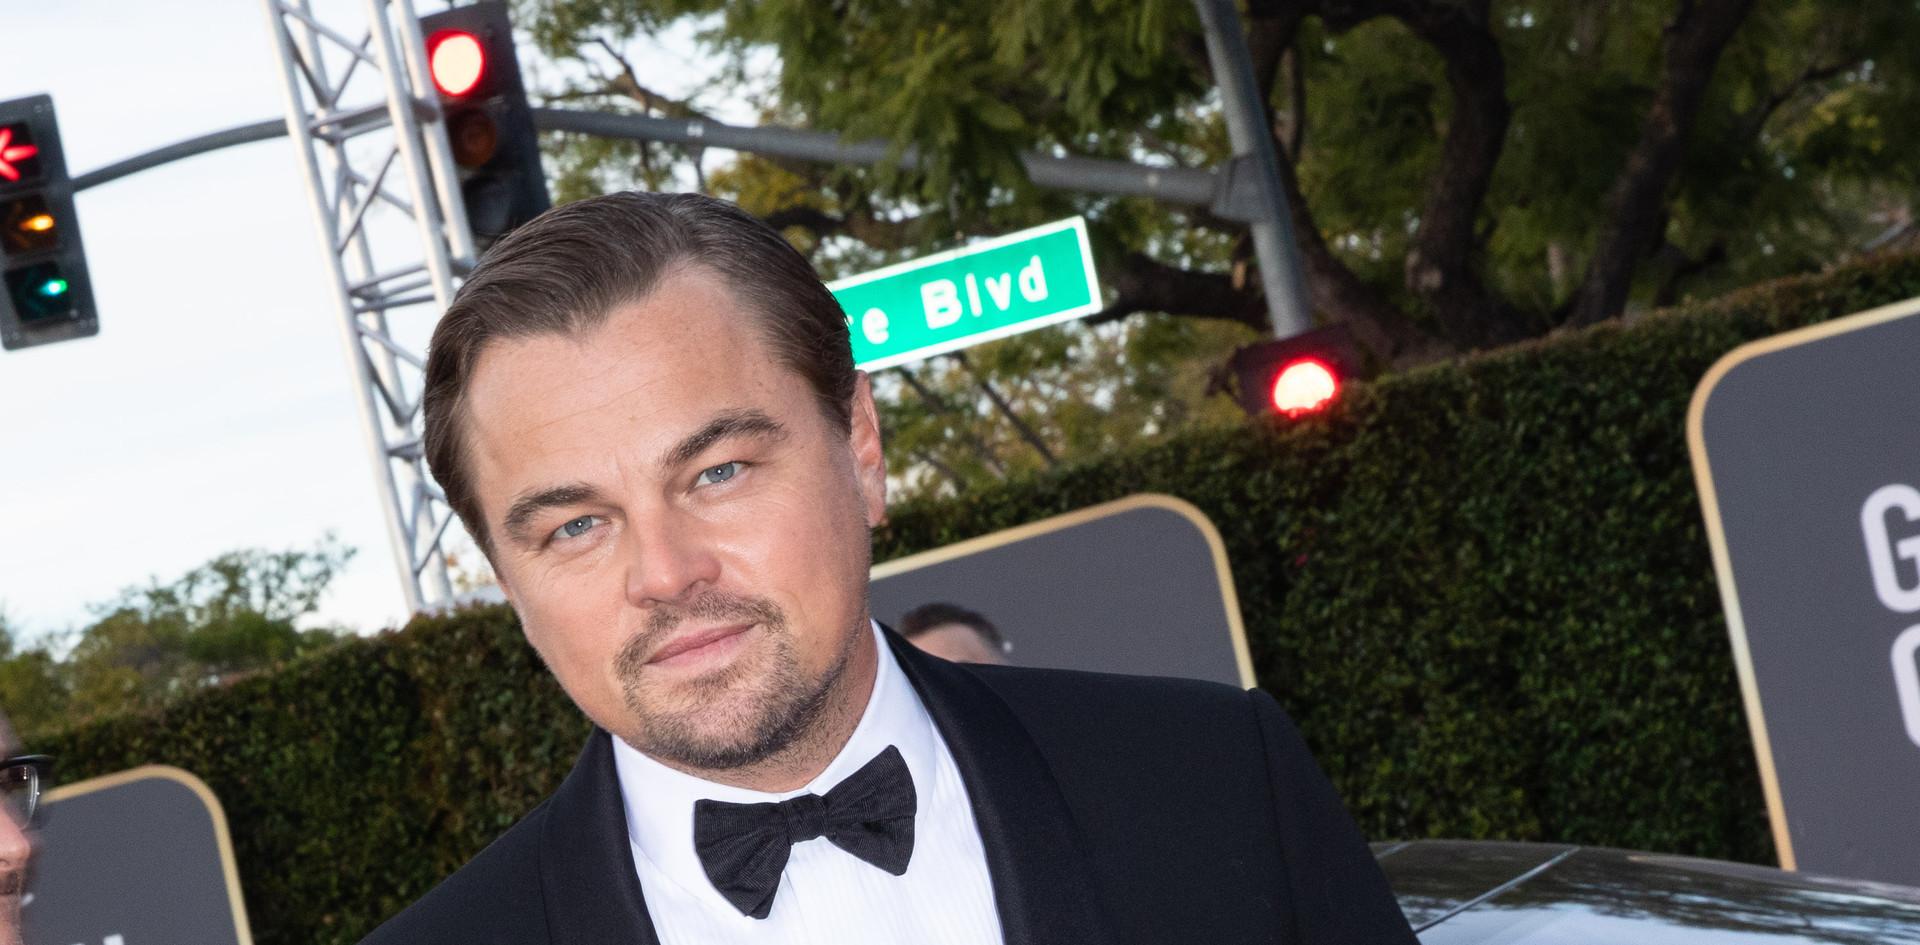 """Leonardo DiCaprio com sapatos Jimmy Choo e jóias David Yurman.  Leonardo DiCaprio foi nomeado para um Golden Globe, como Melhor Actor – Comédia / Musical: """"Once Upon a Time in Hollywood"""", na passadeira vermelha do 77th Annual Golden Globe Awards, no Beverly Hilton em Beverly Hills, CA. Fotografia: HFPA Photographer."""